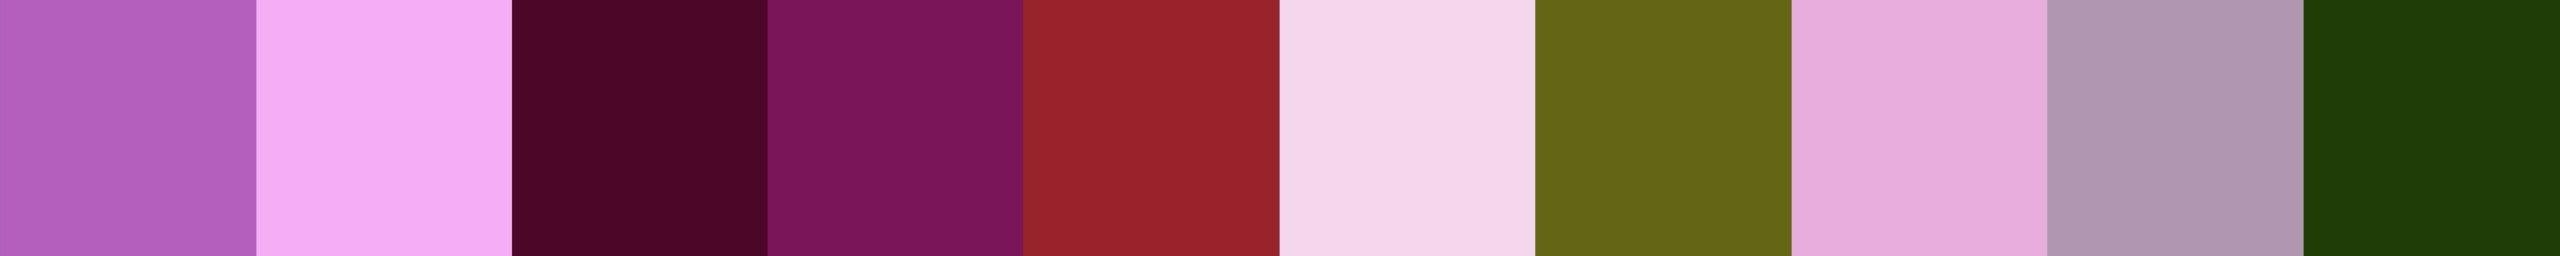 745 Ciarra Color Palette